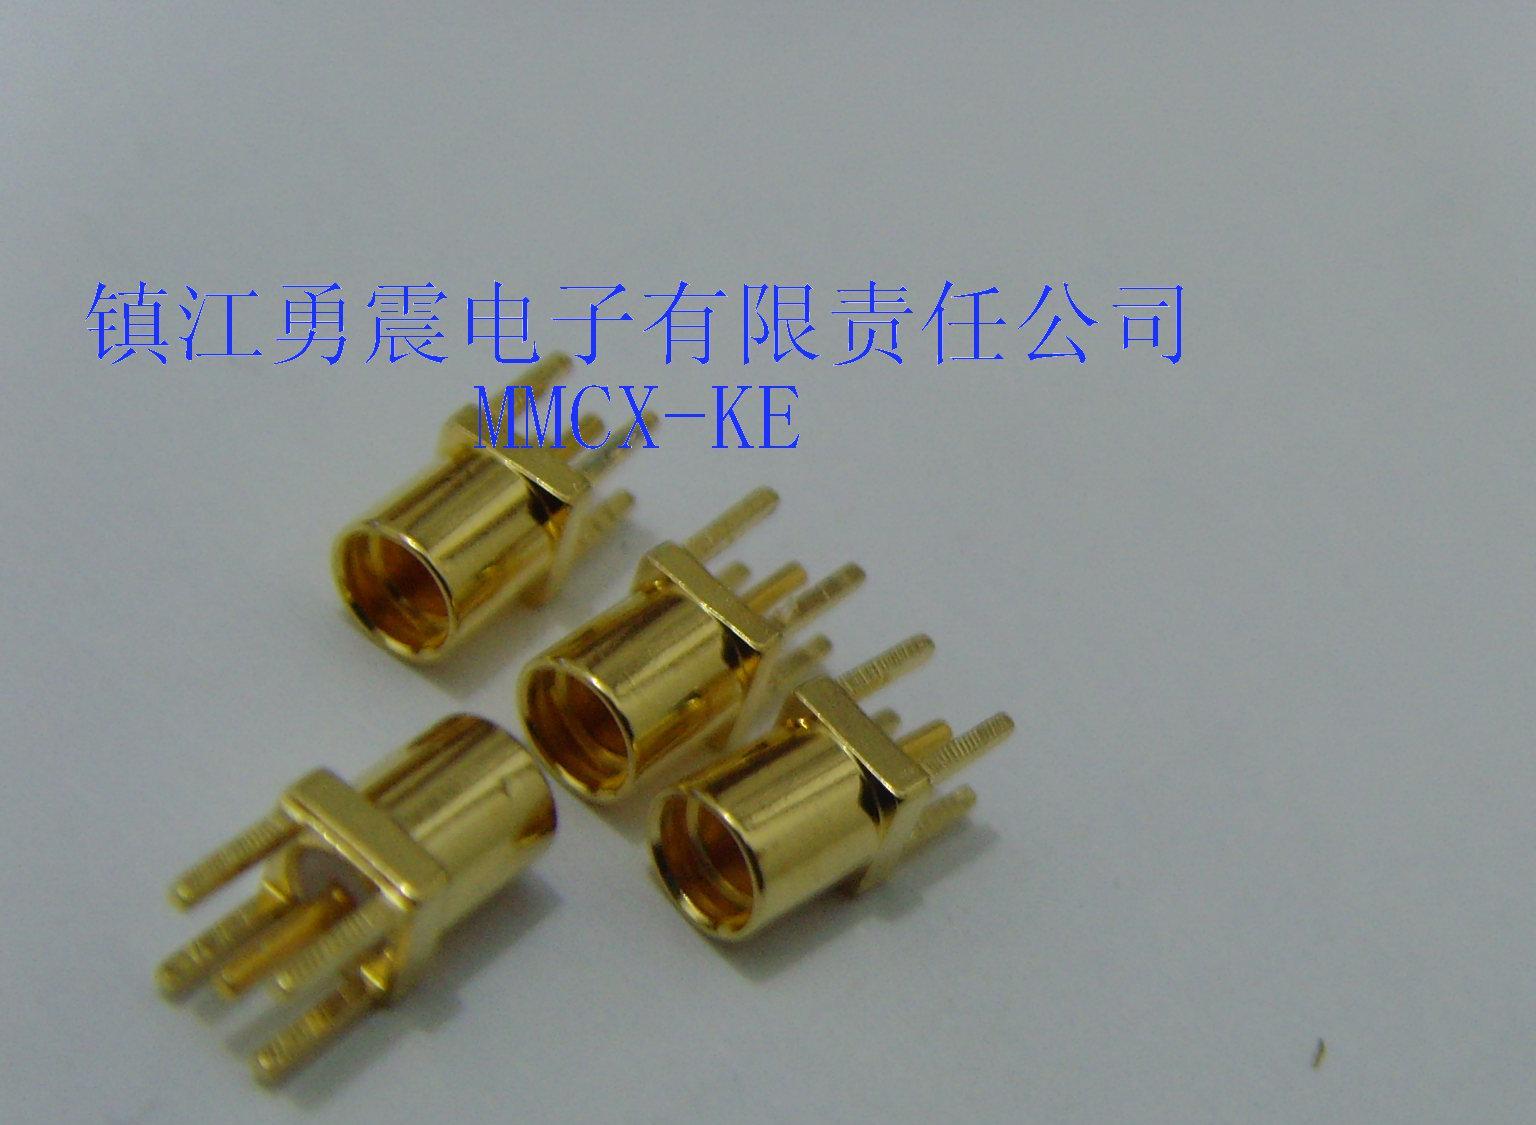 供应MMCX系列射频连接器